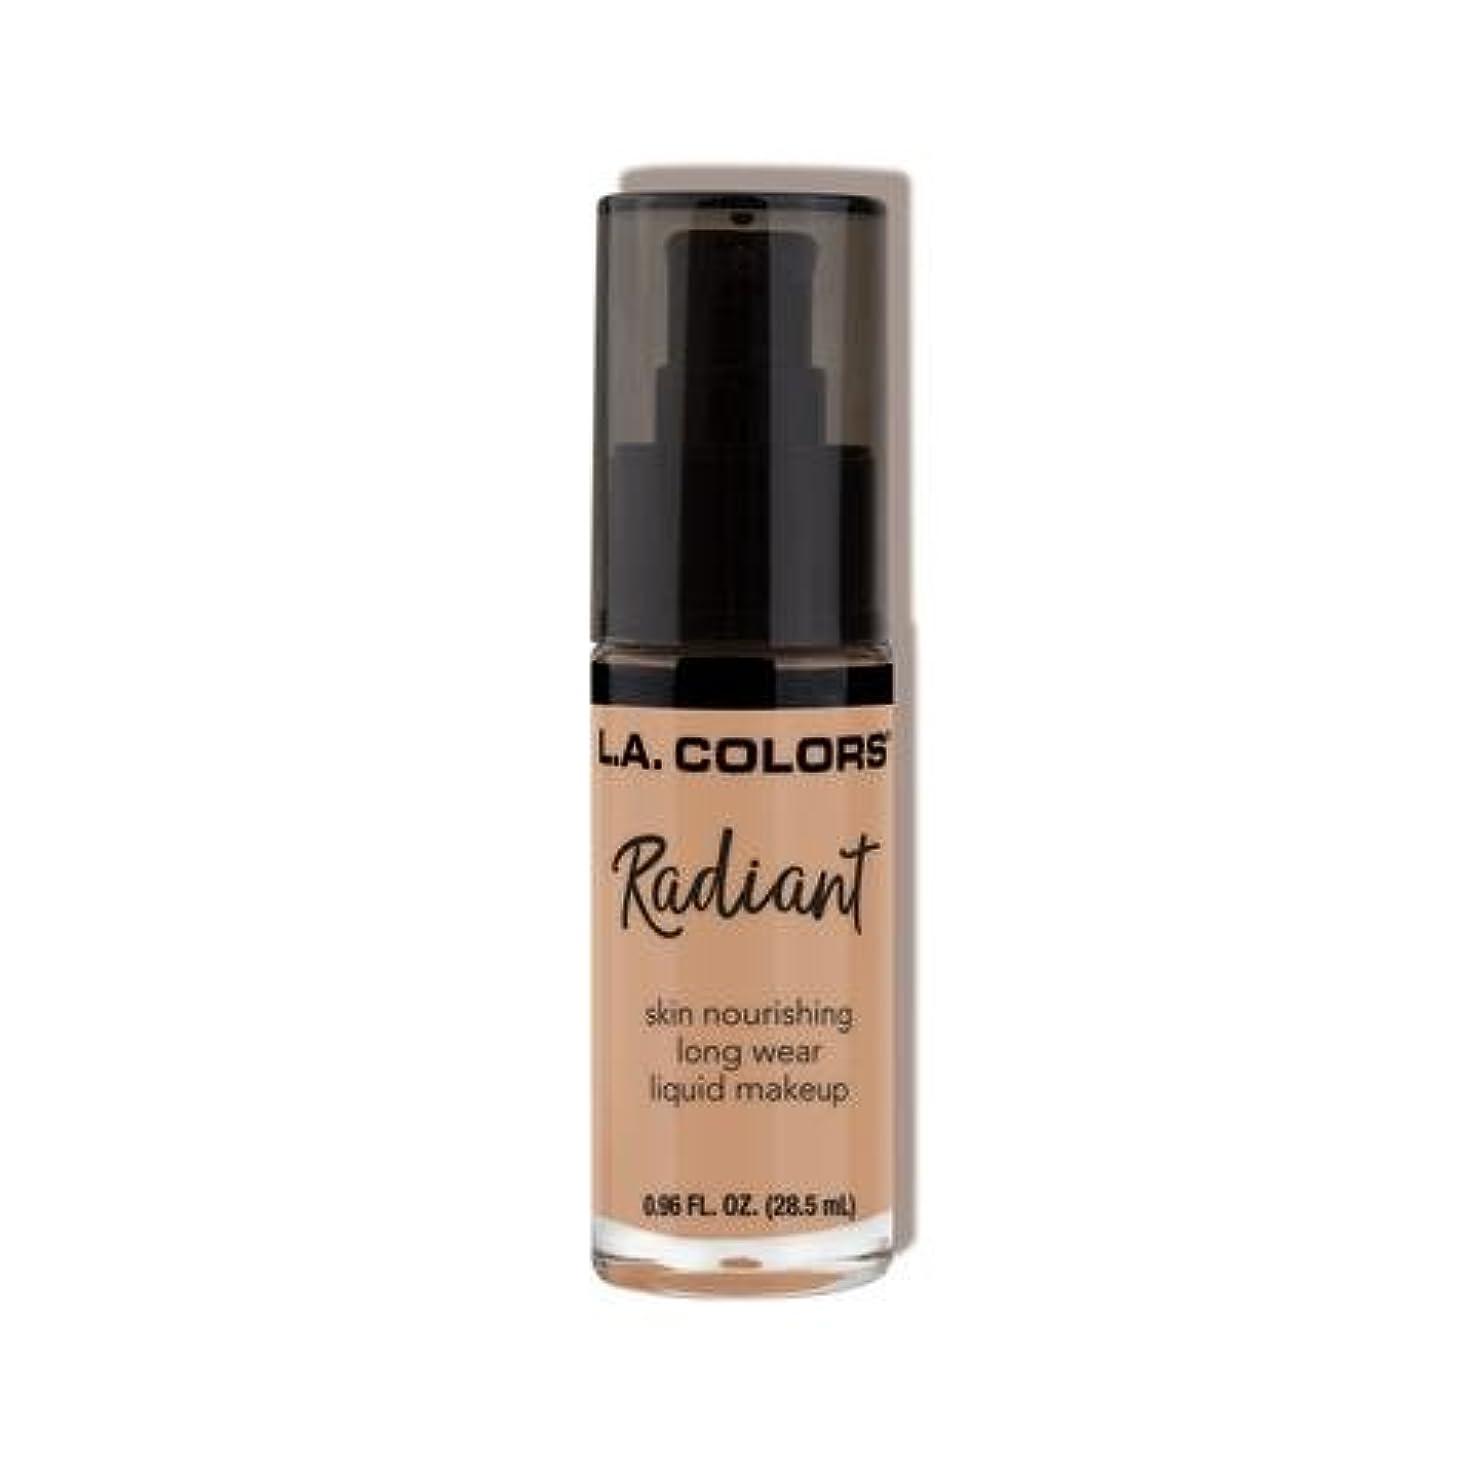 エスカレート砲撃借りている(3 Pack) L.A. COLORS Radiant Liquid Makeup - Fair (並行輸入品)